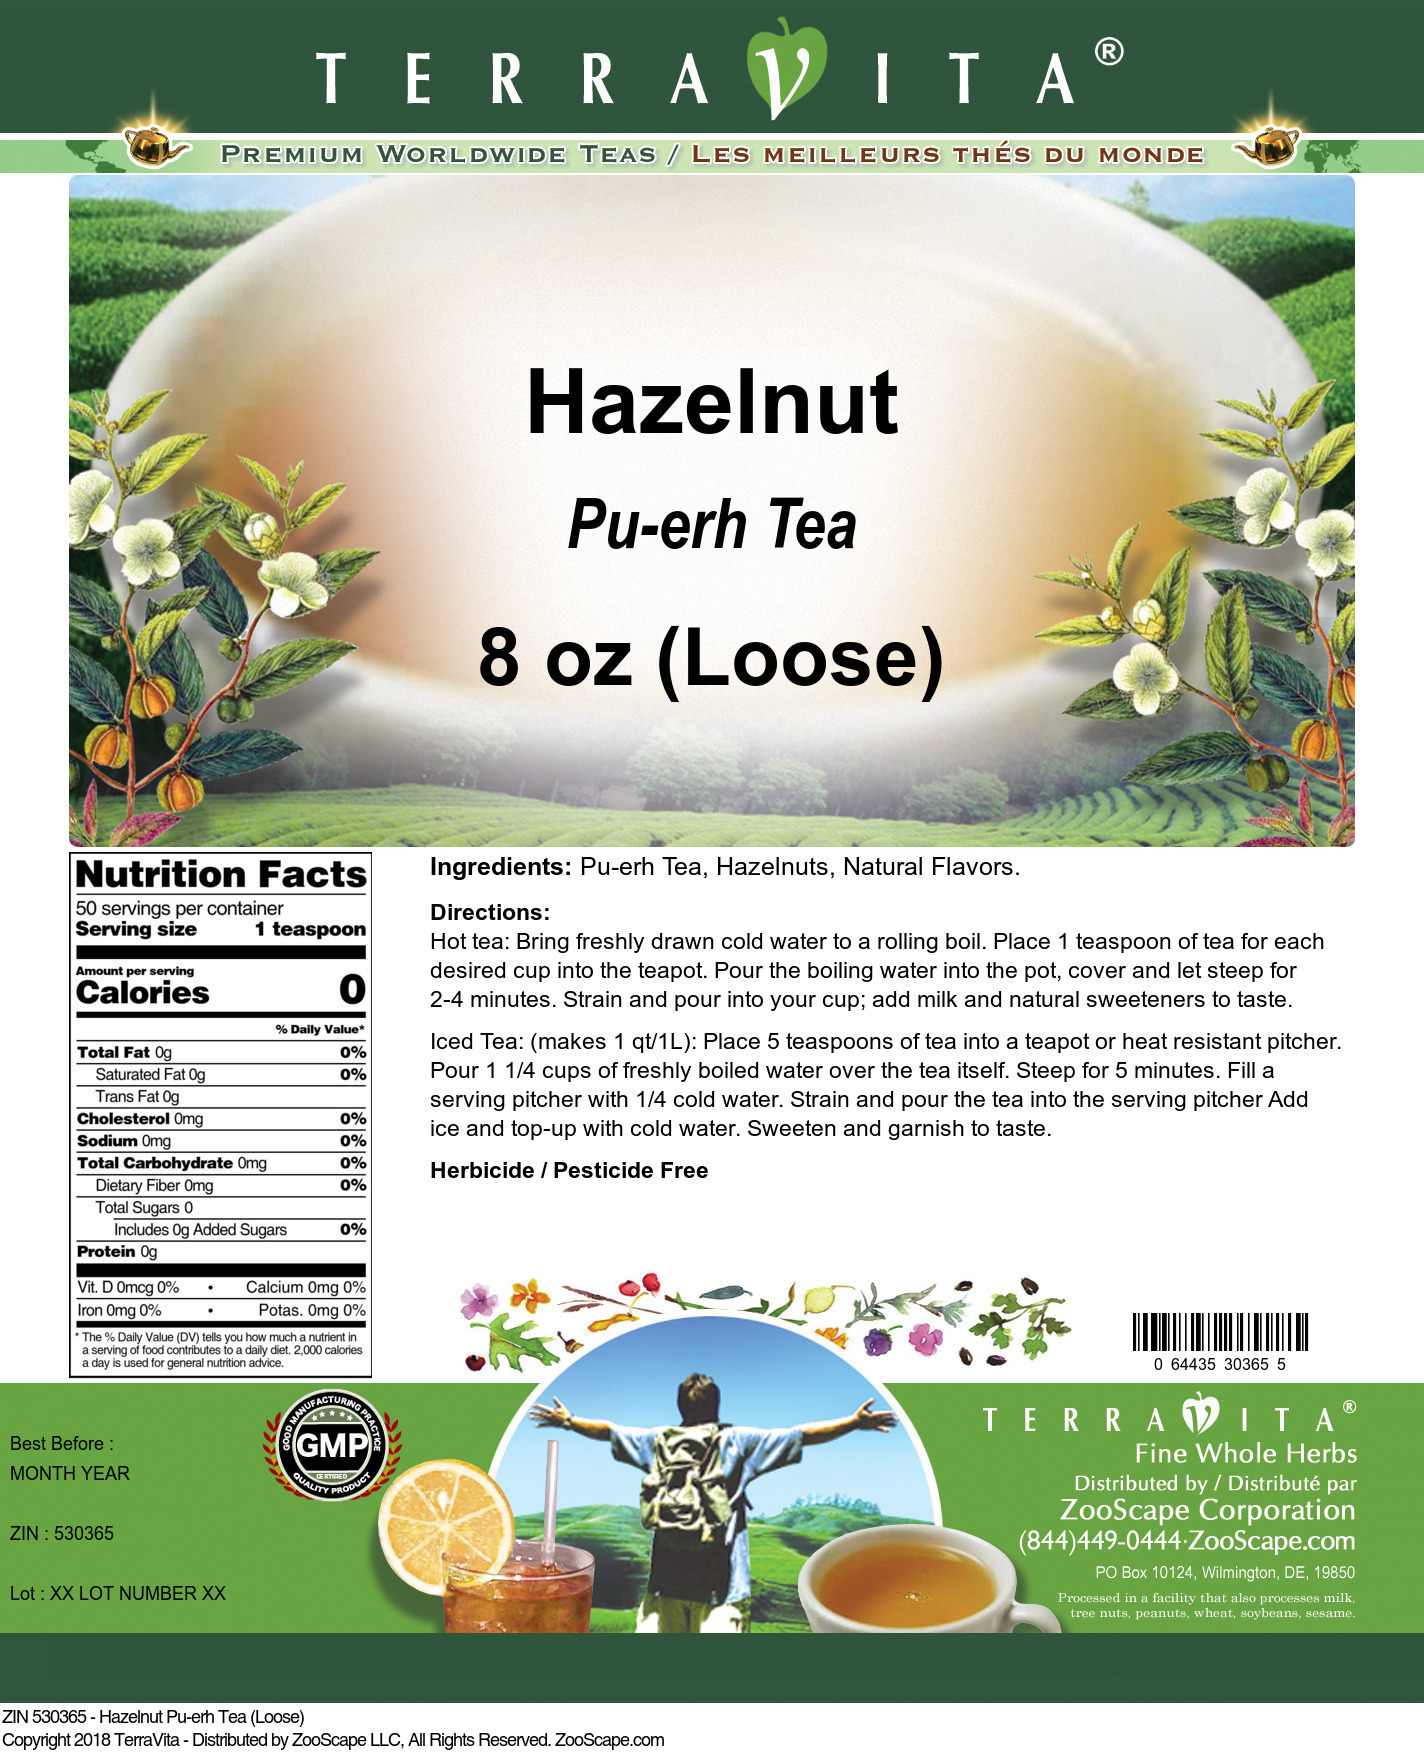 Hazelnut Pu-erh Tea (Loose)